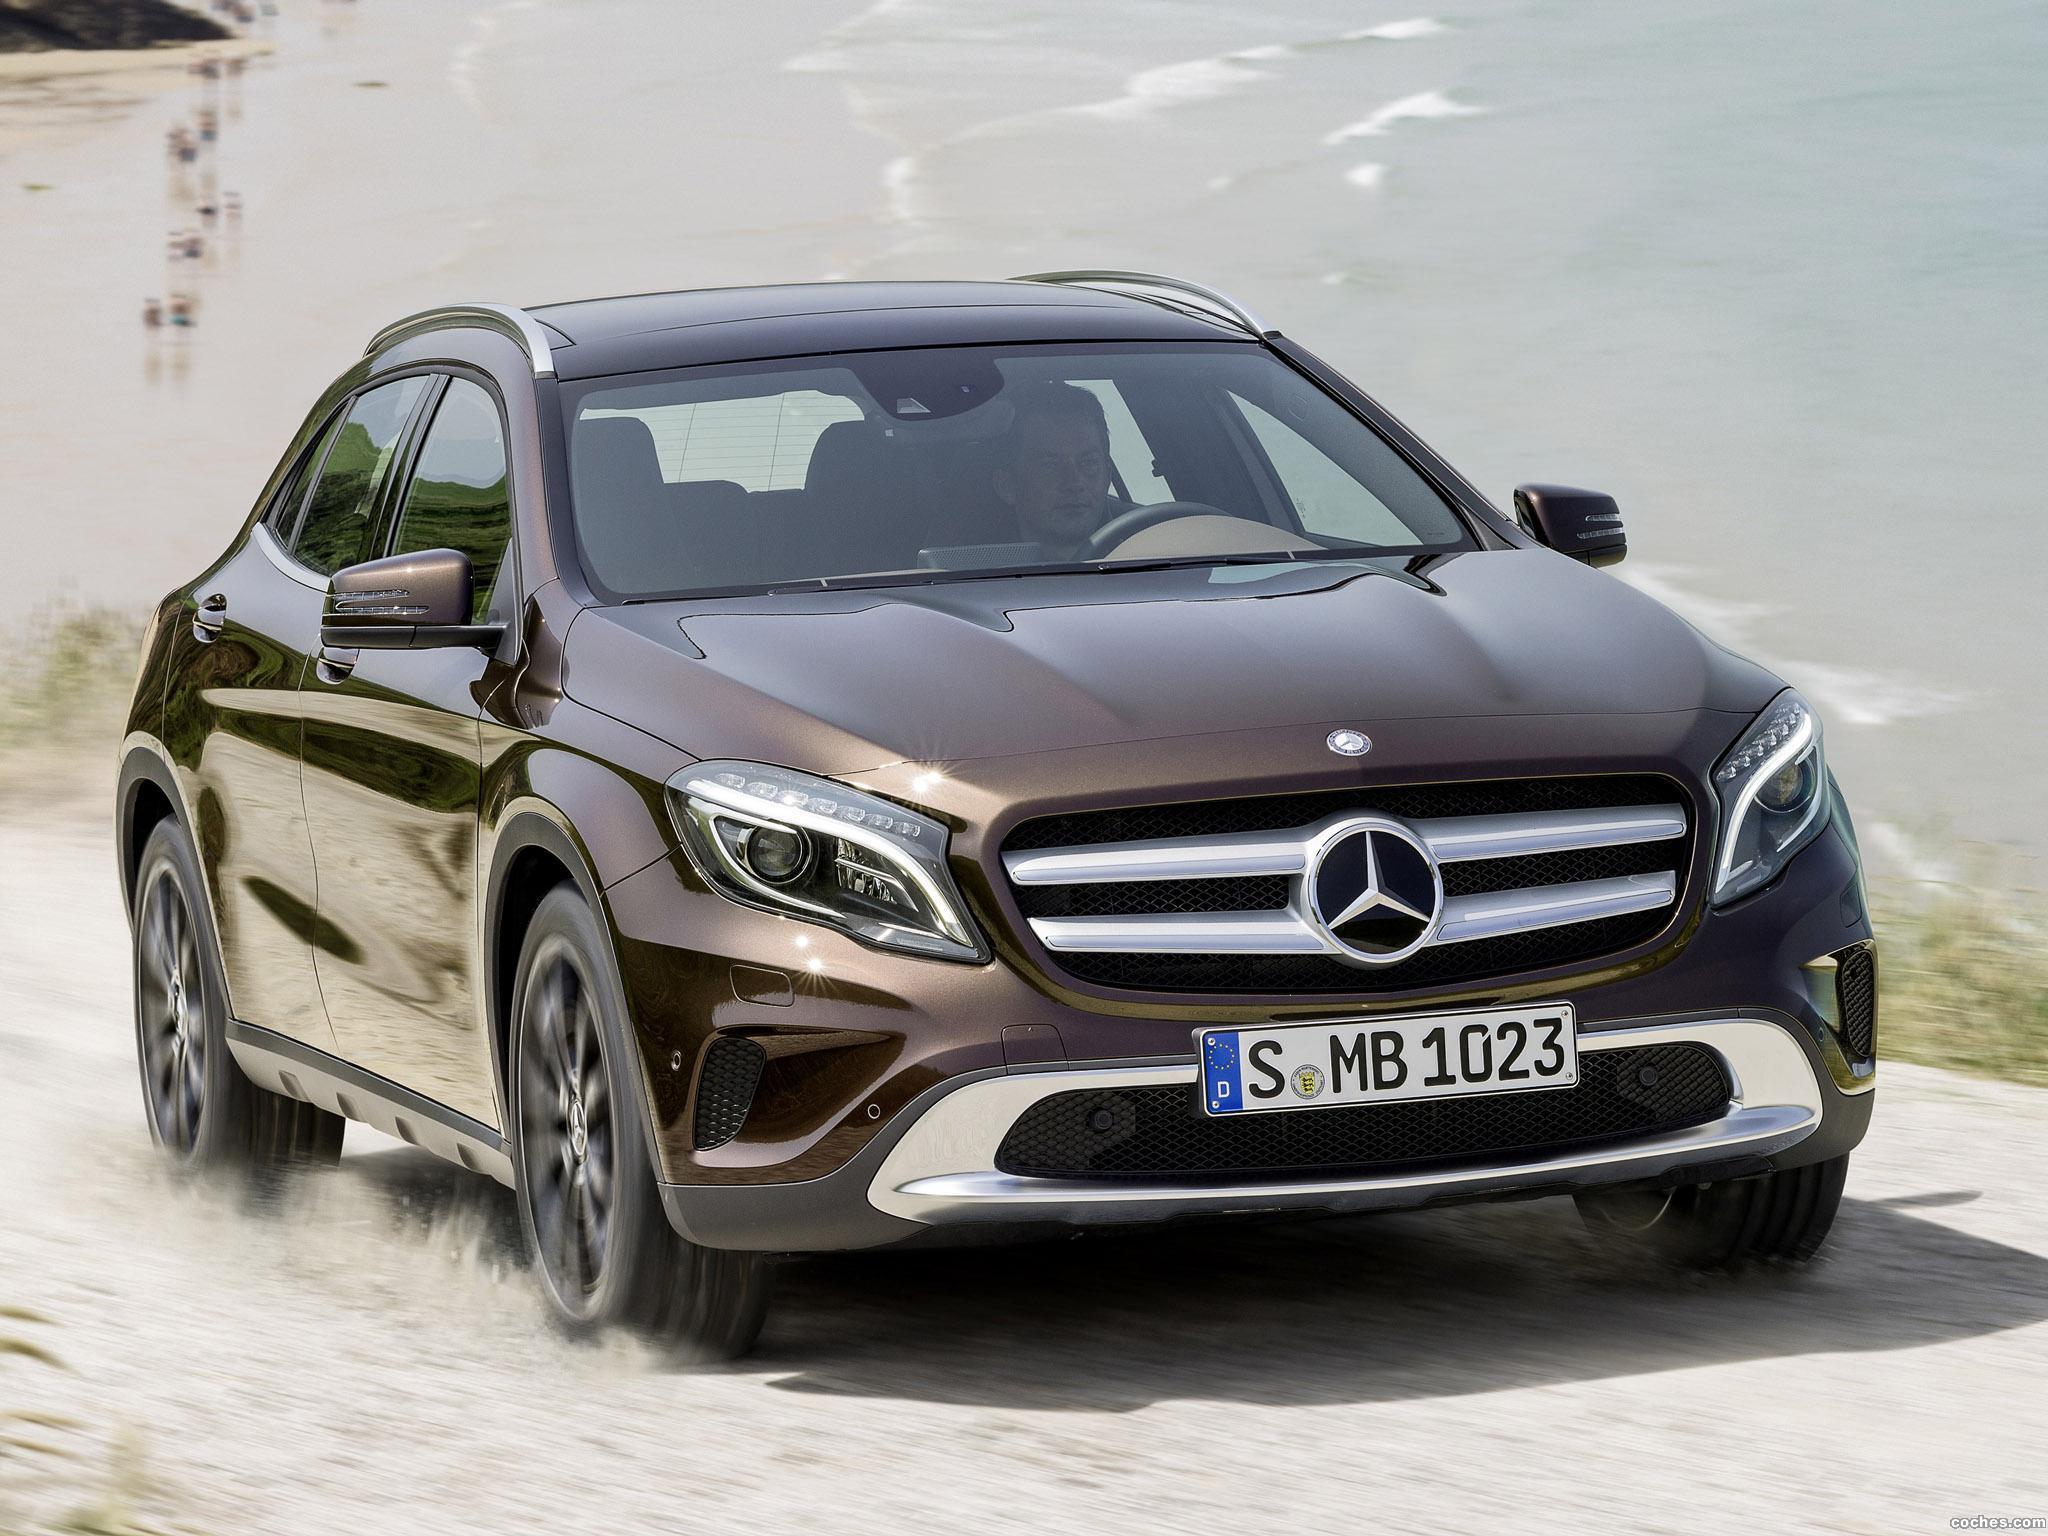 Foto 0 de Mercedes Clase GLA 220 CDI 4MATIC X156 2014